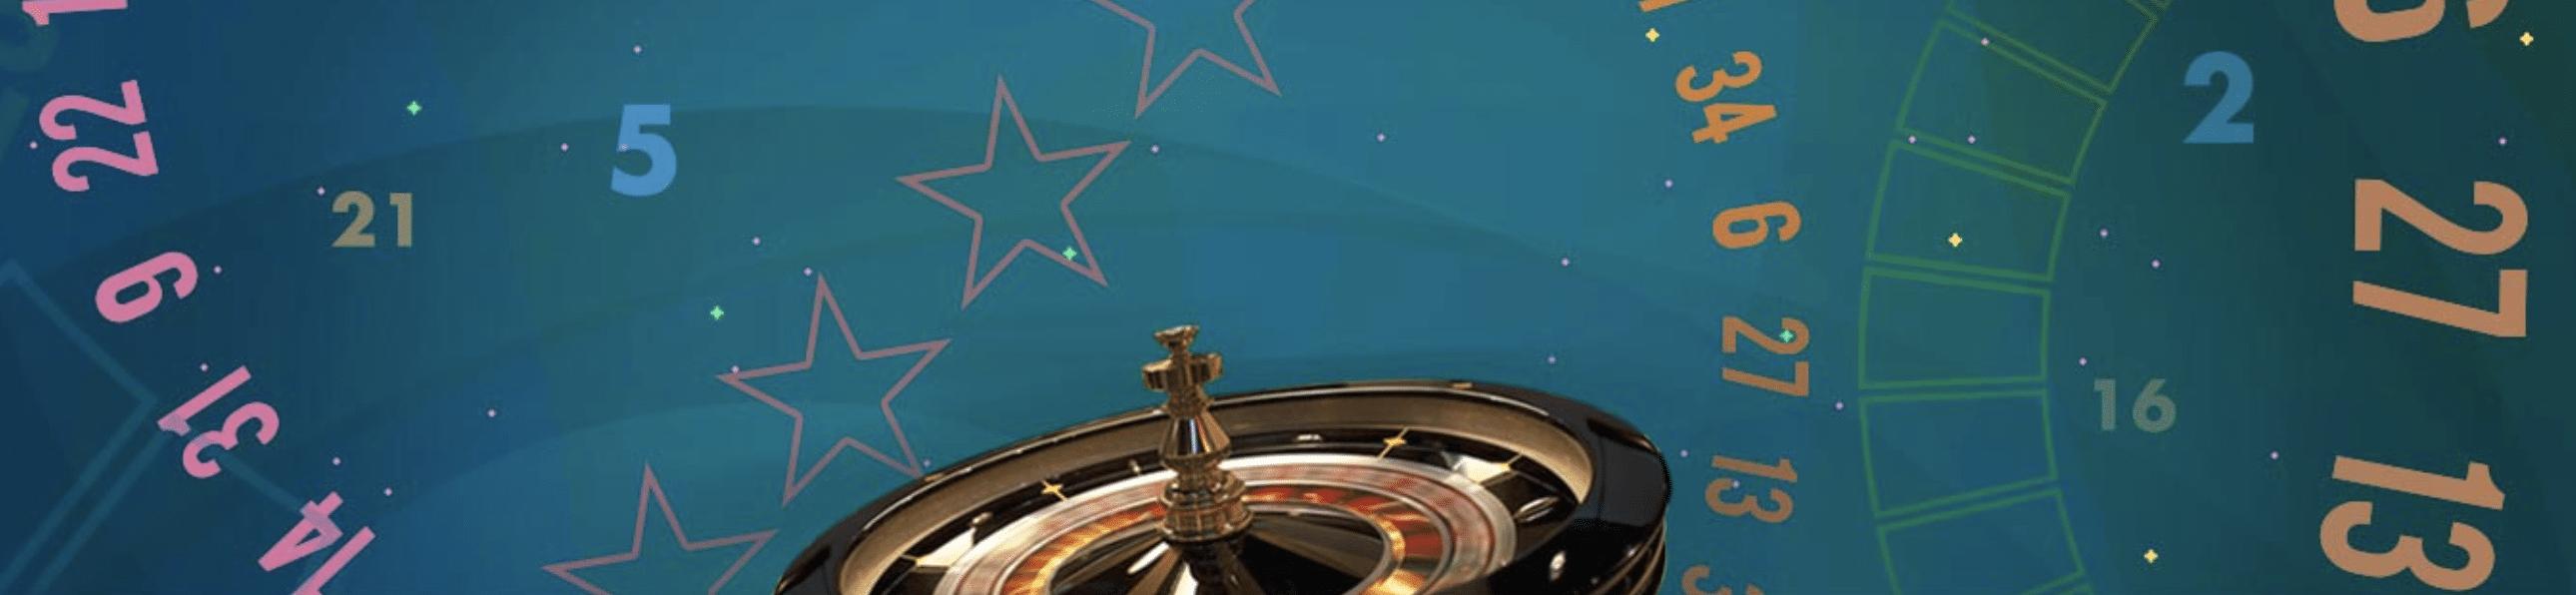 Bet365 gratis en bonos licencia para casino online 747028